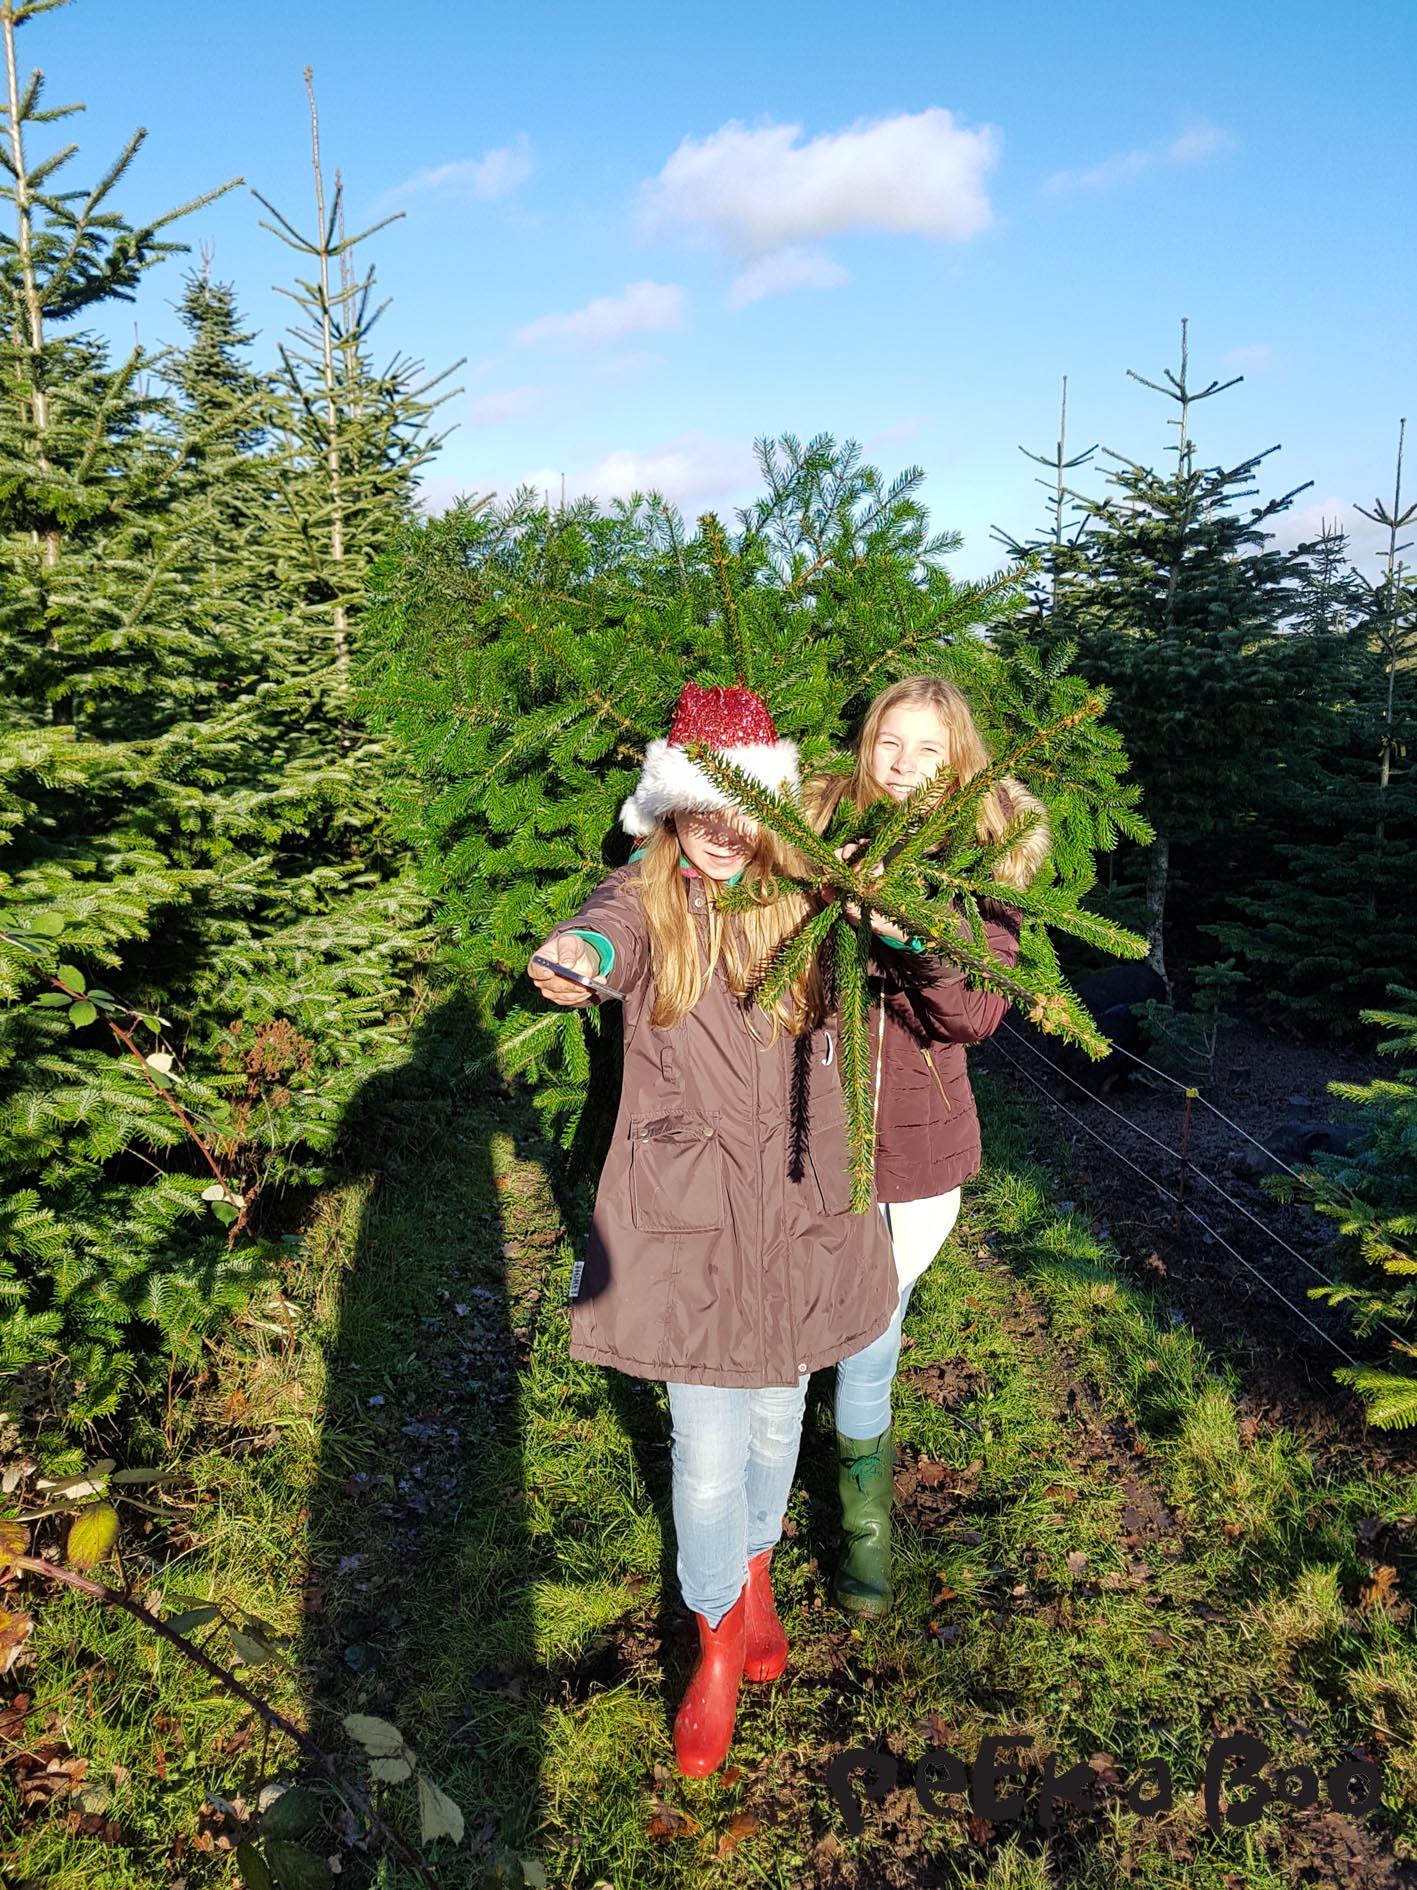 Men den dag blev det ikke mere drastisk end at vi fældede et flot juletræ og slæbte med hjem.